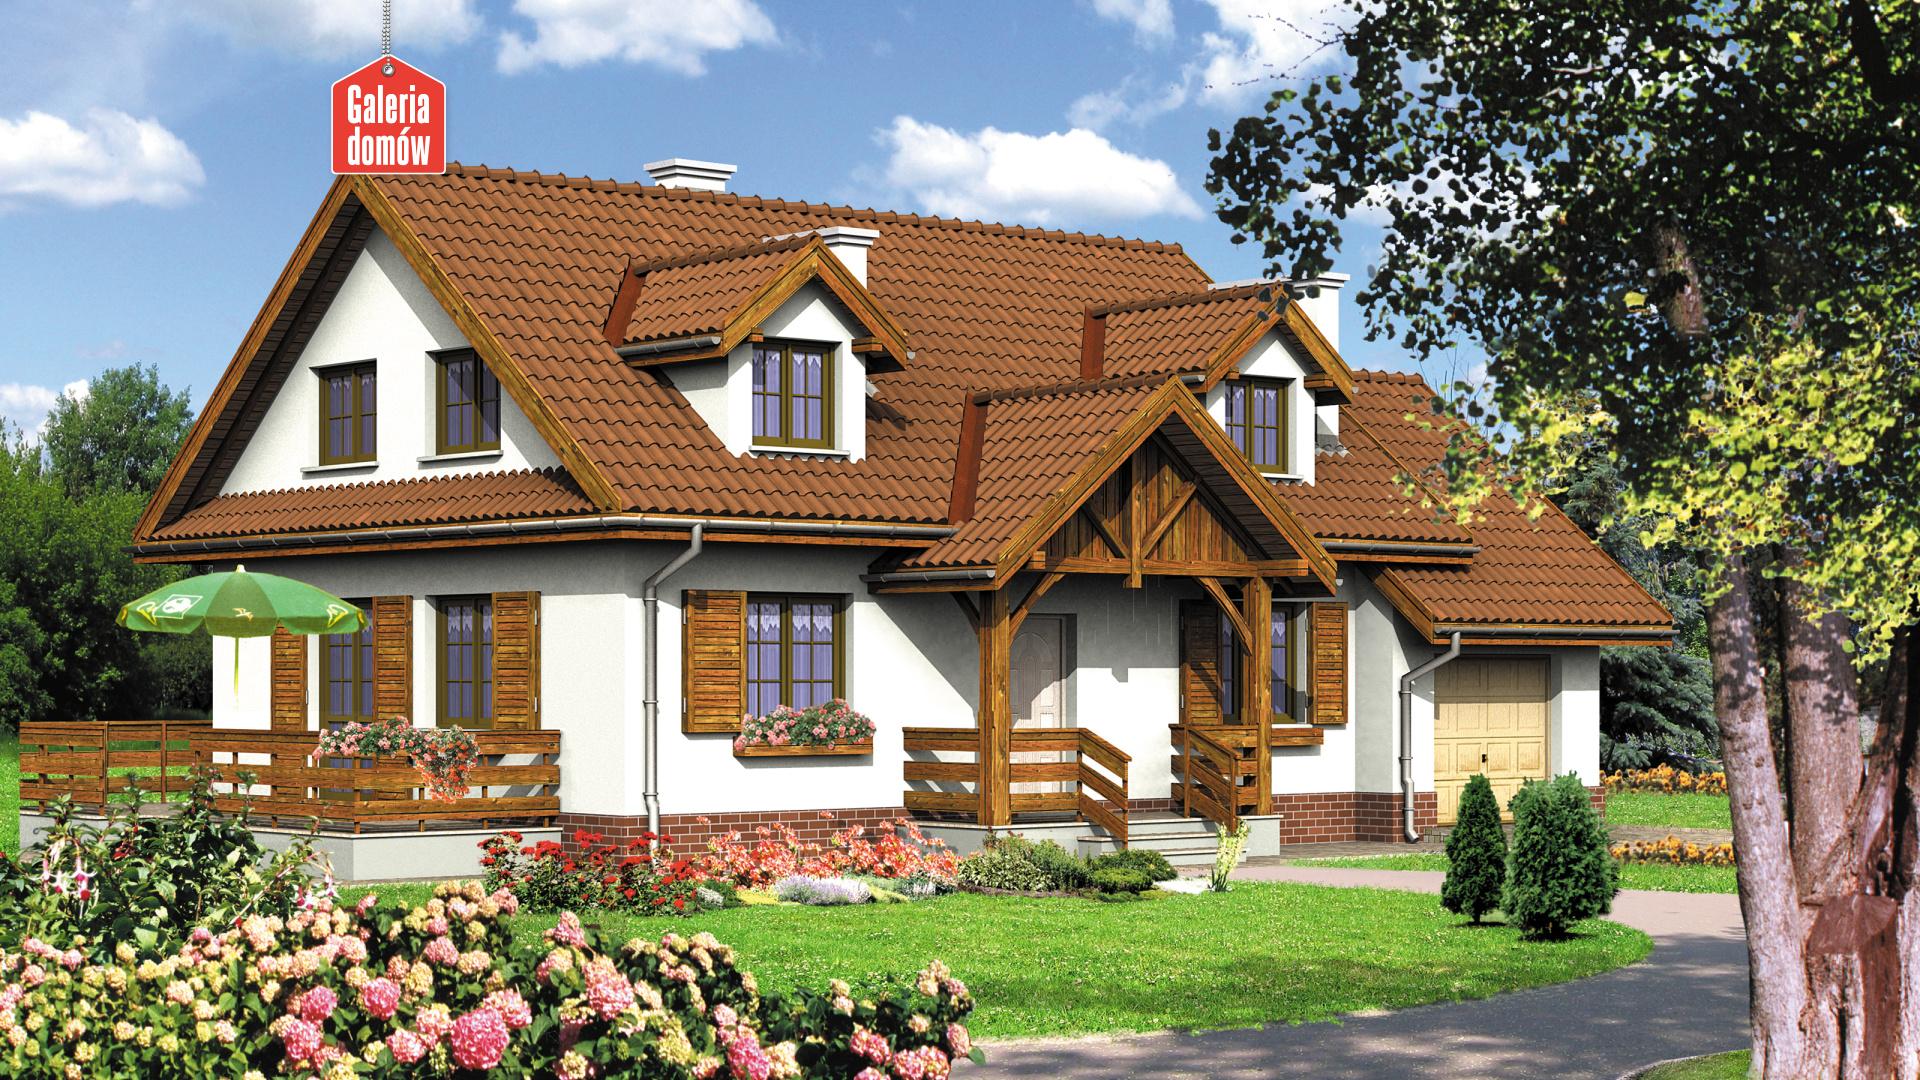 Dom przy Bocianiej - zdjęcie projektu i wizualizacja